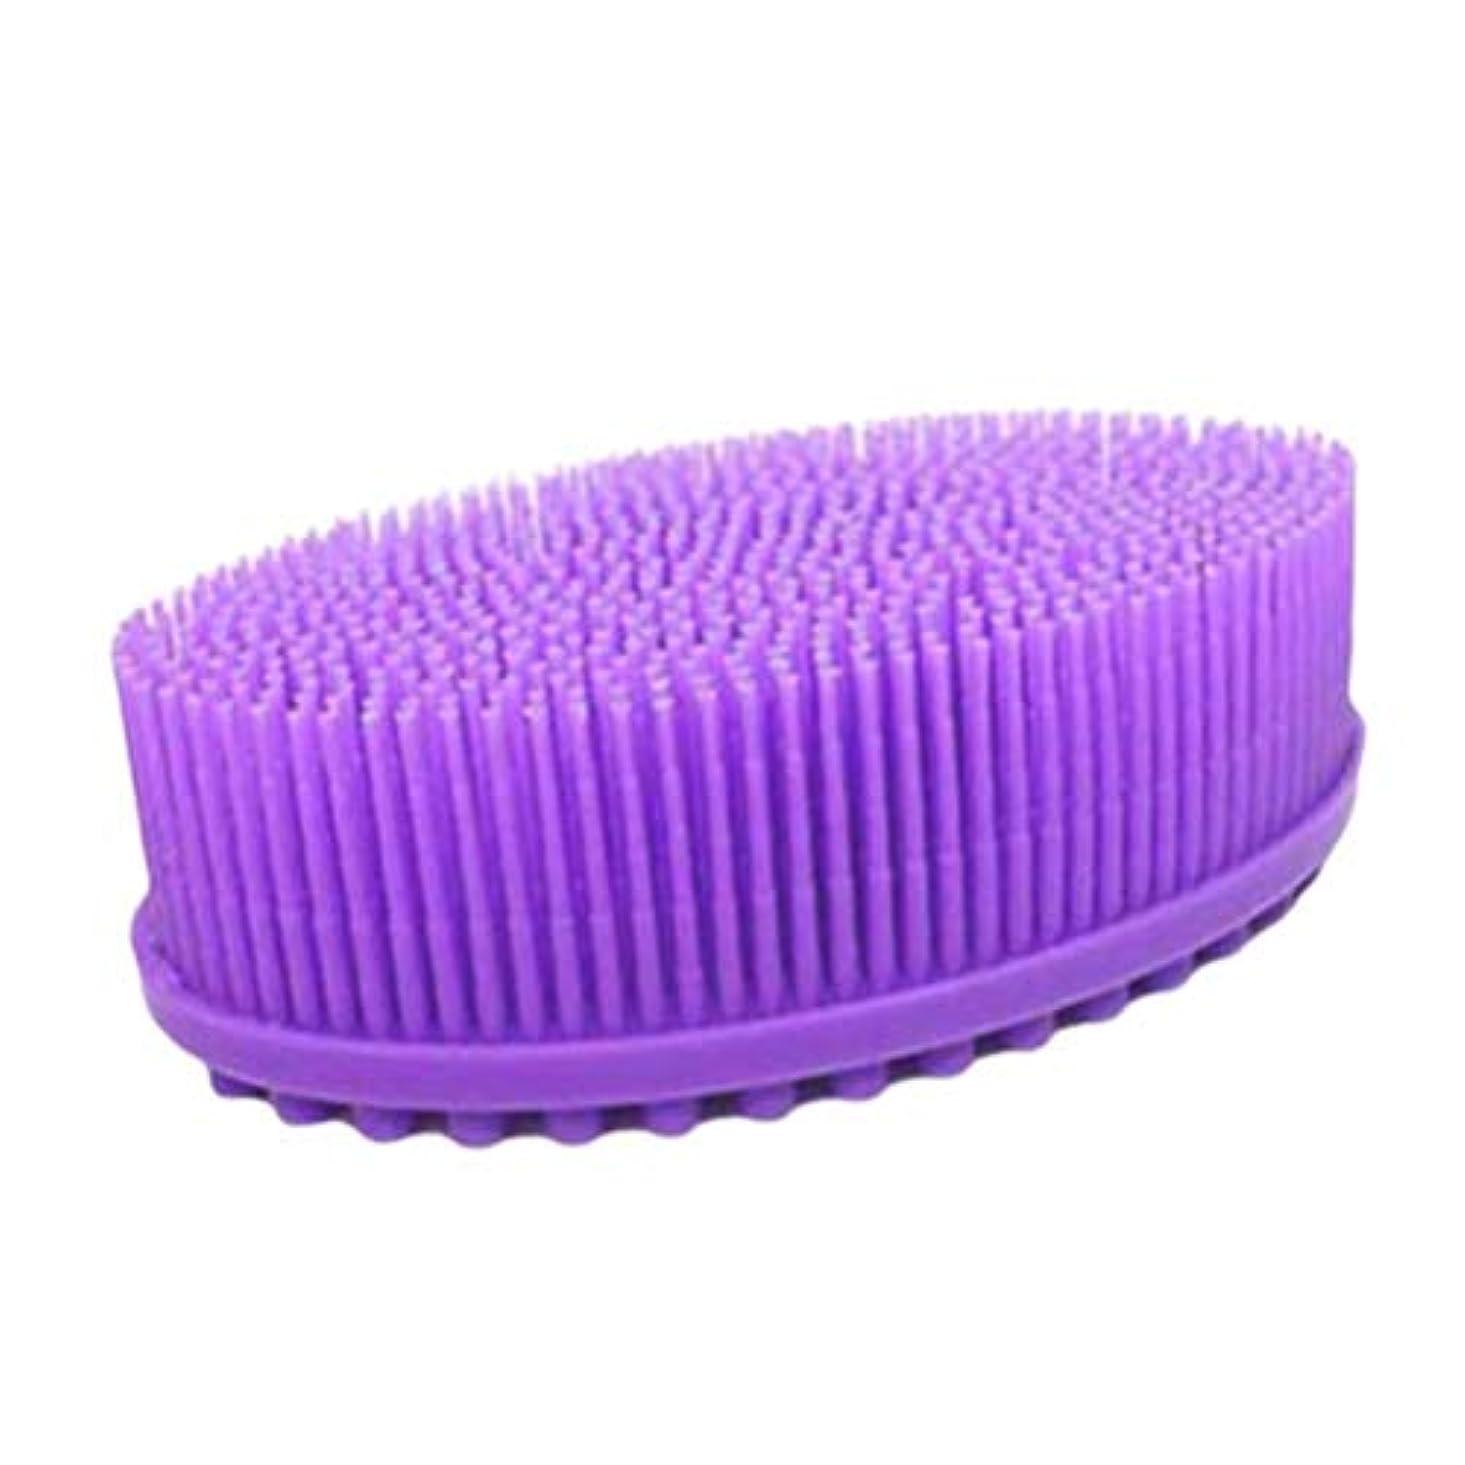 コックアクセサリー体細胞TOPBATHY ベビーシリコンボディヘアシャンプーブラシバスバックブラシスキンマッサージラウンドヘッドボディシャワーブラシ(紫)